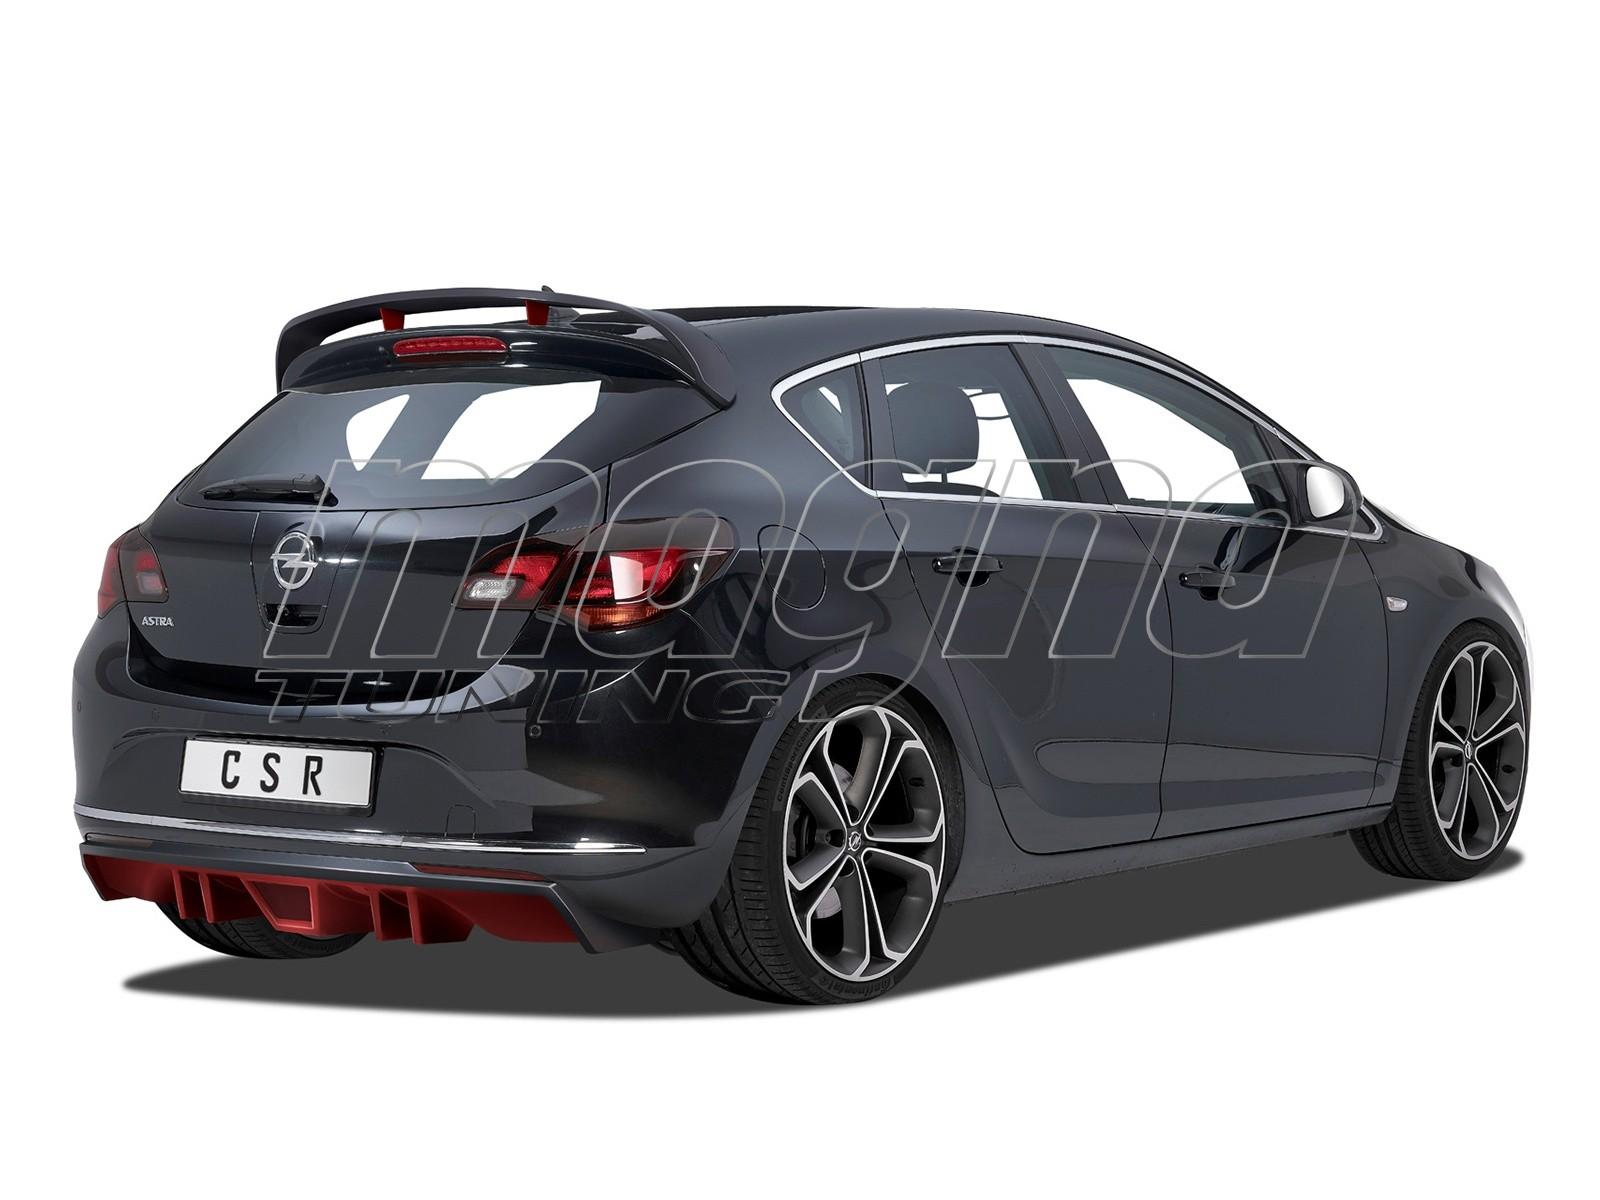 Opel Astra J Cyber Rear Bumper Extension